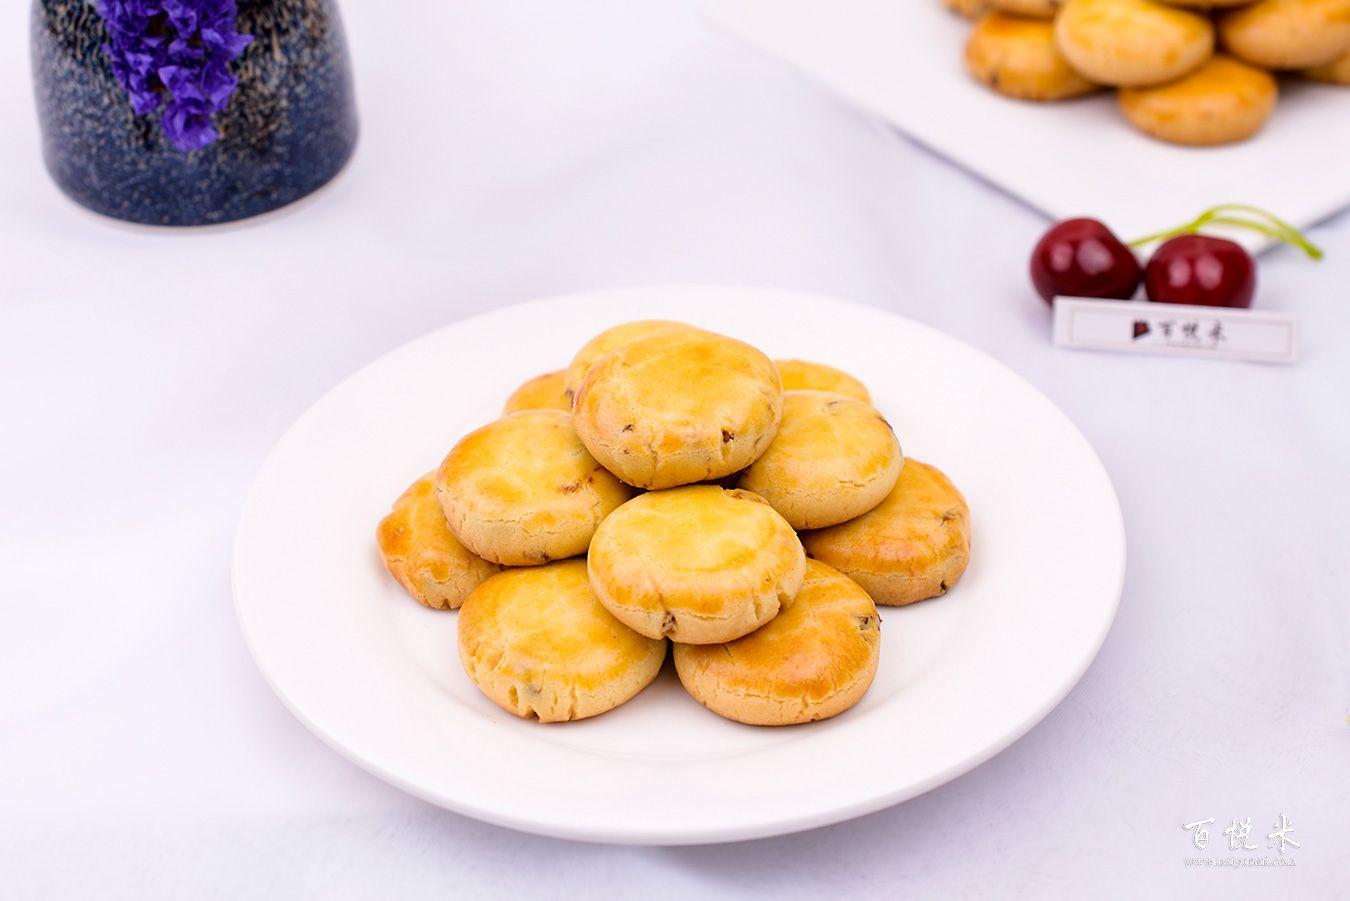 提子松饼饼干高清图片大全【蛋糕图片】_648